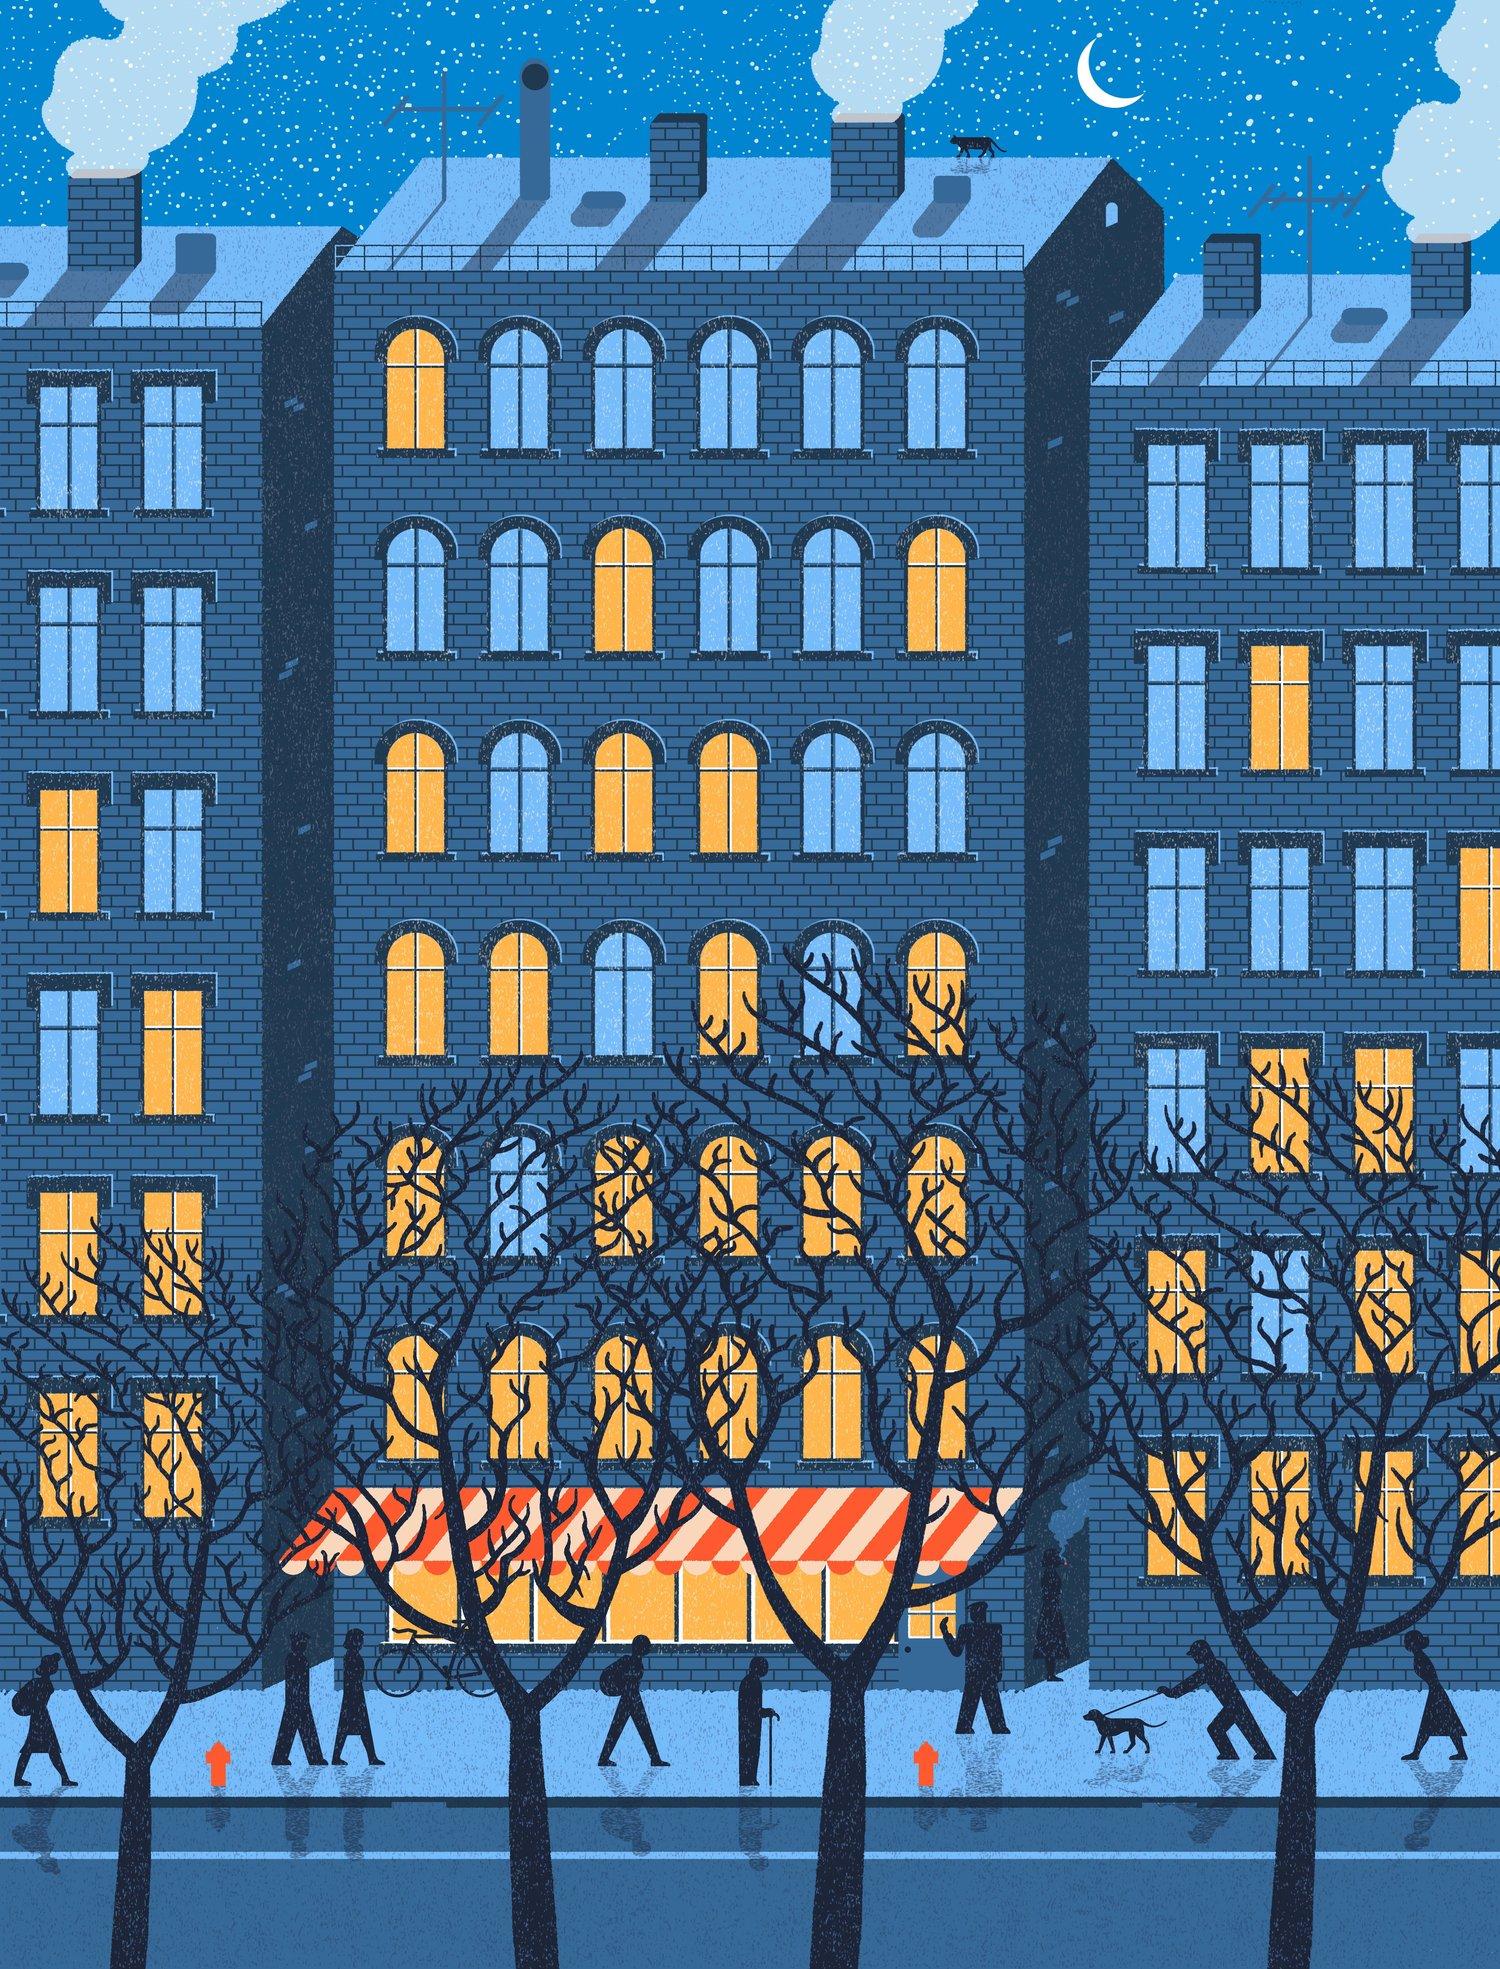 Le storie semplici illustrate da Andrius Banelis | Collater.al 8